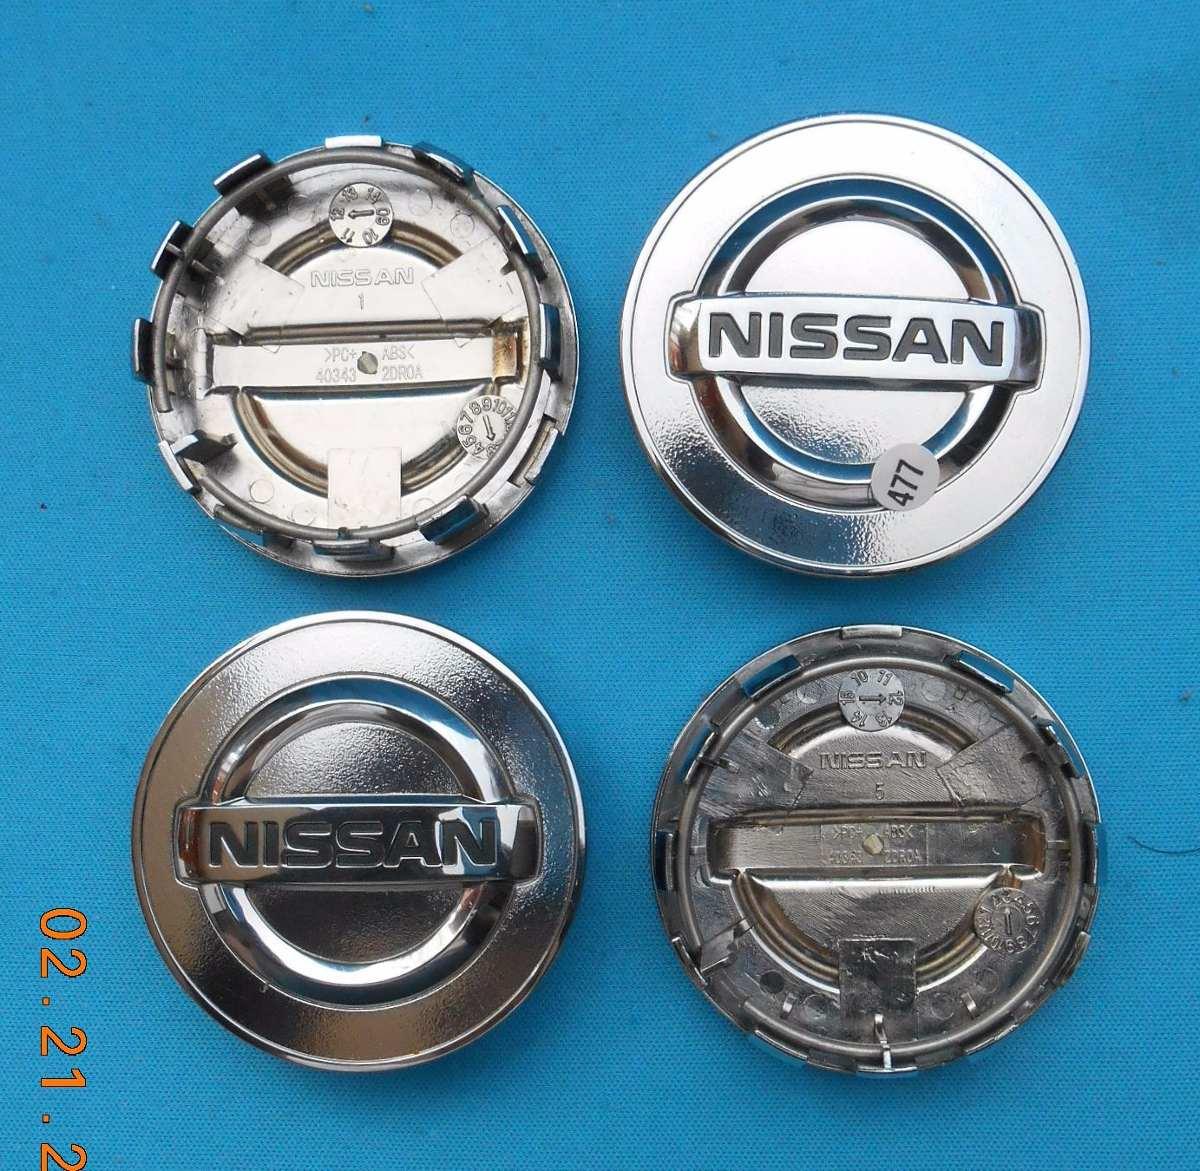 Centros Rin Nissan Altima Maxima Murano Sentra. Jgo 4 Pzas ...